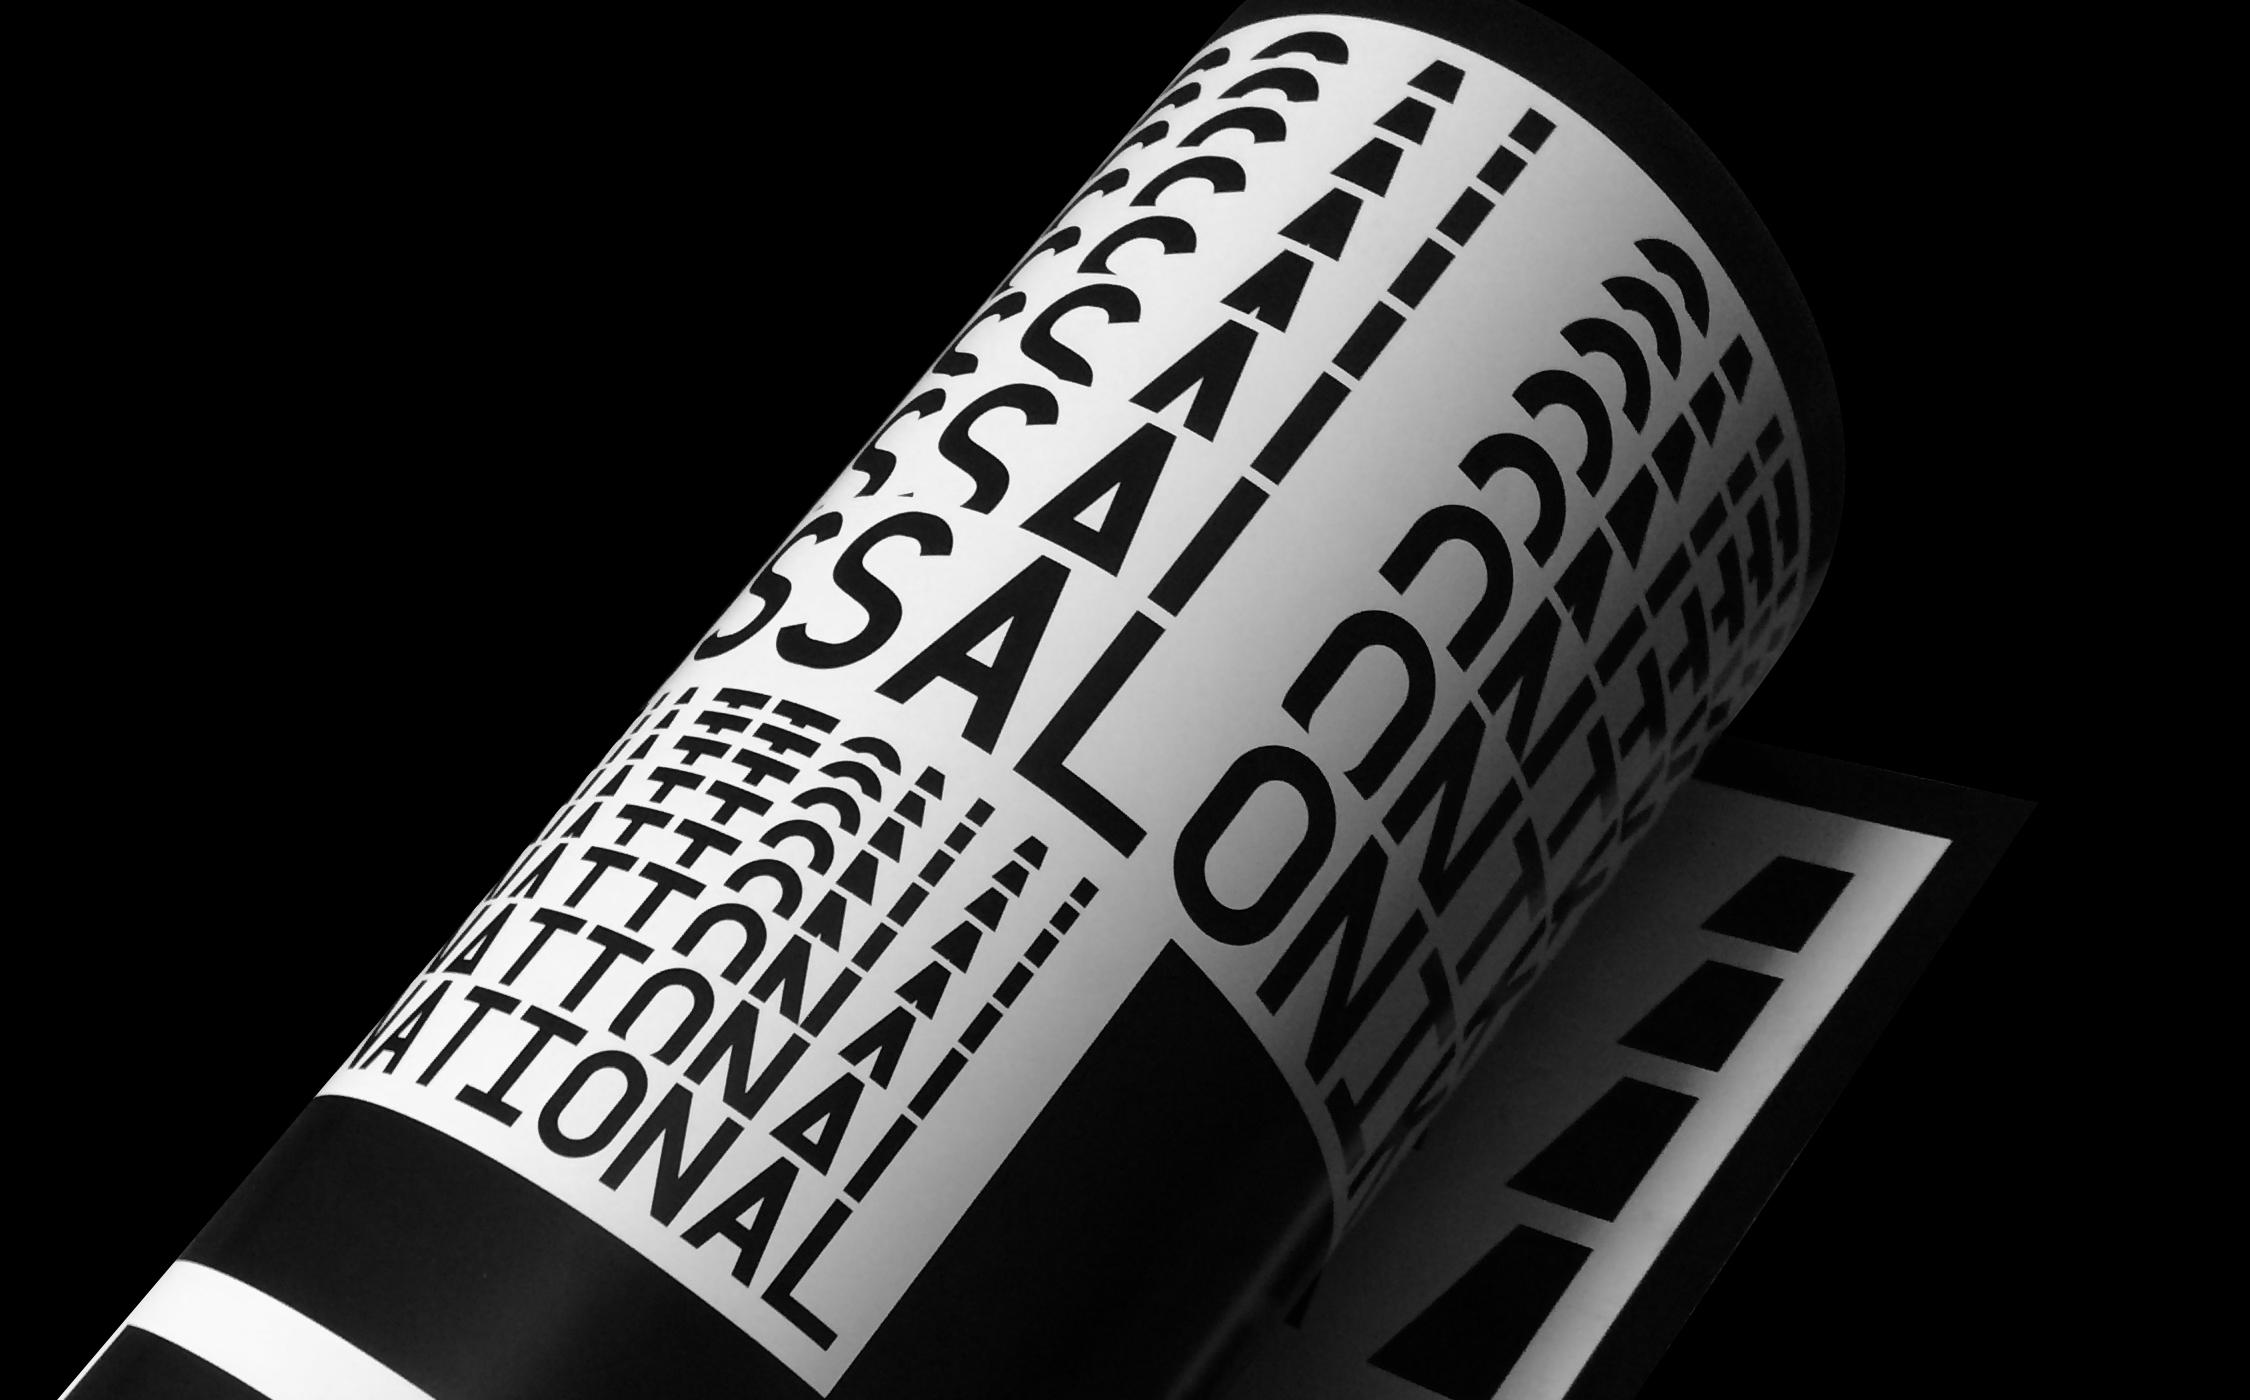 New_Studio_Tiff_Festival_Design_Film